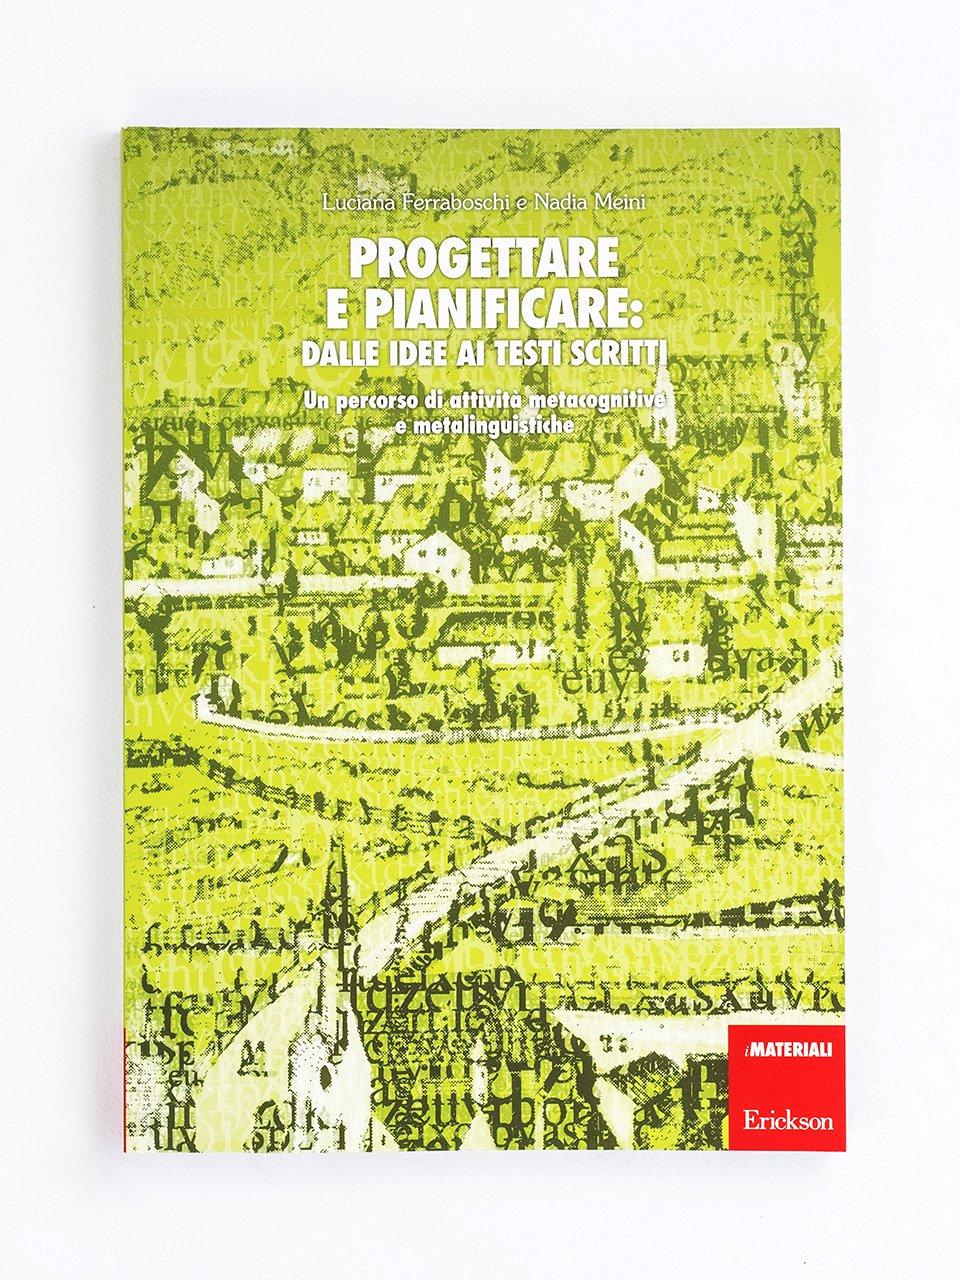 Progettare e pianificare: dalle idee ai testi scritti - Nadia Meini - Erickson